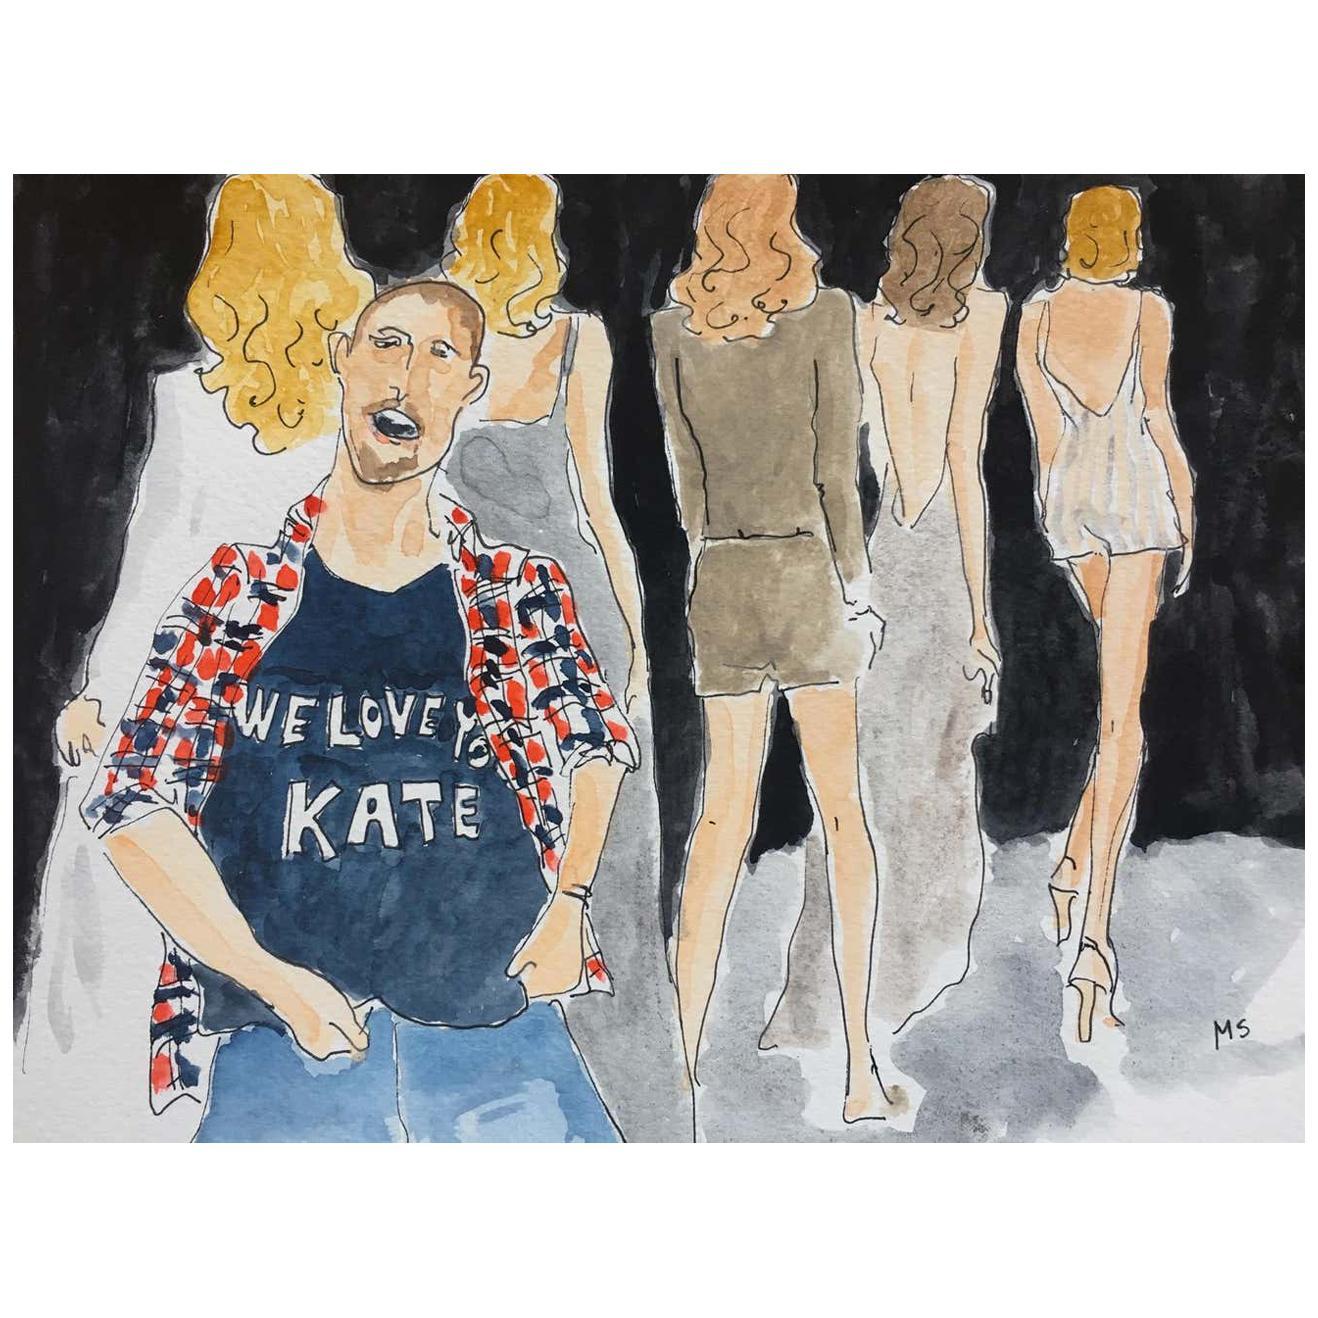 Alexander McQueen/ We love Kate